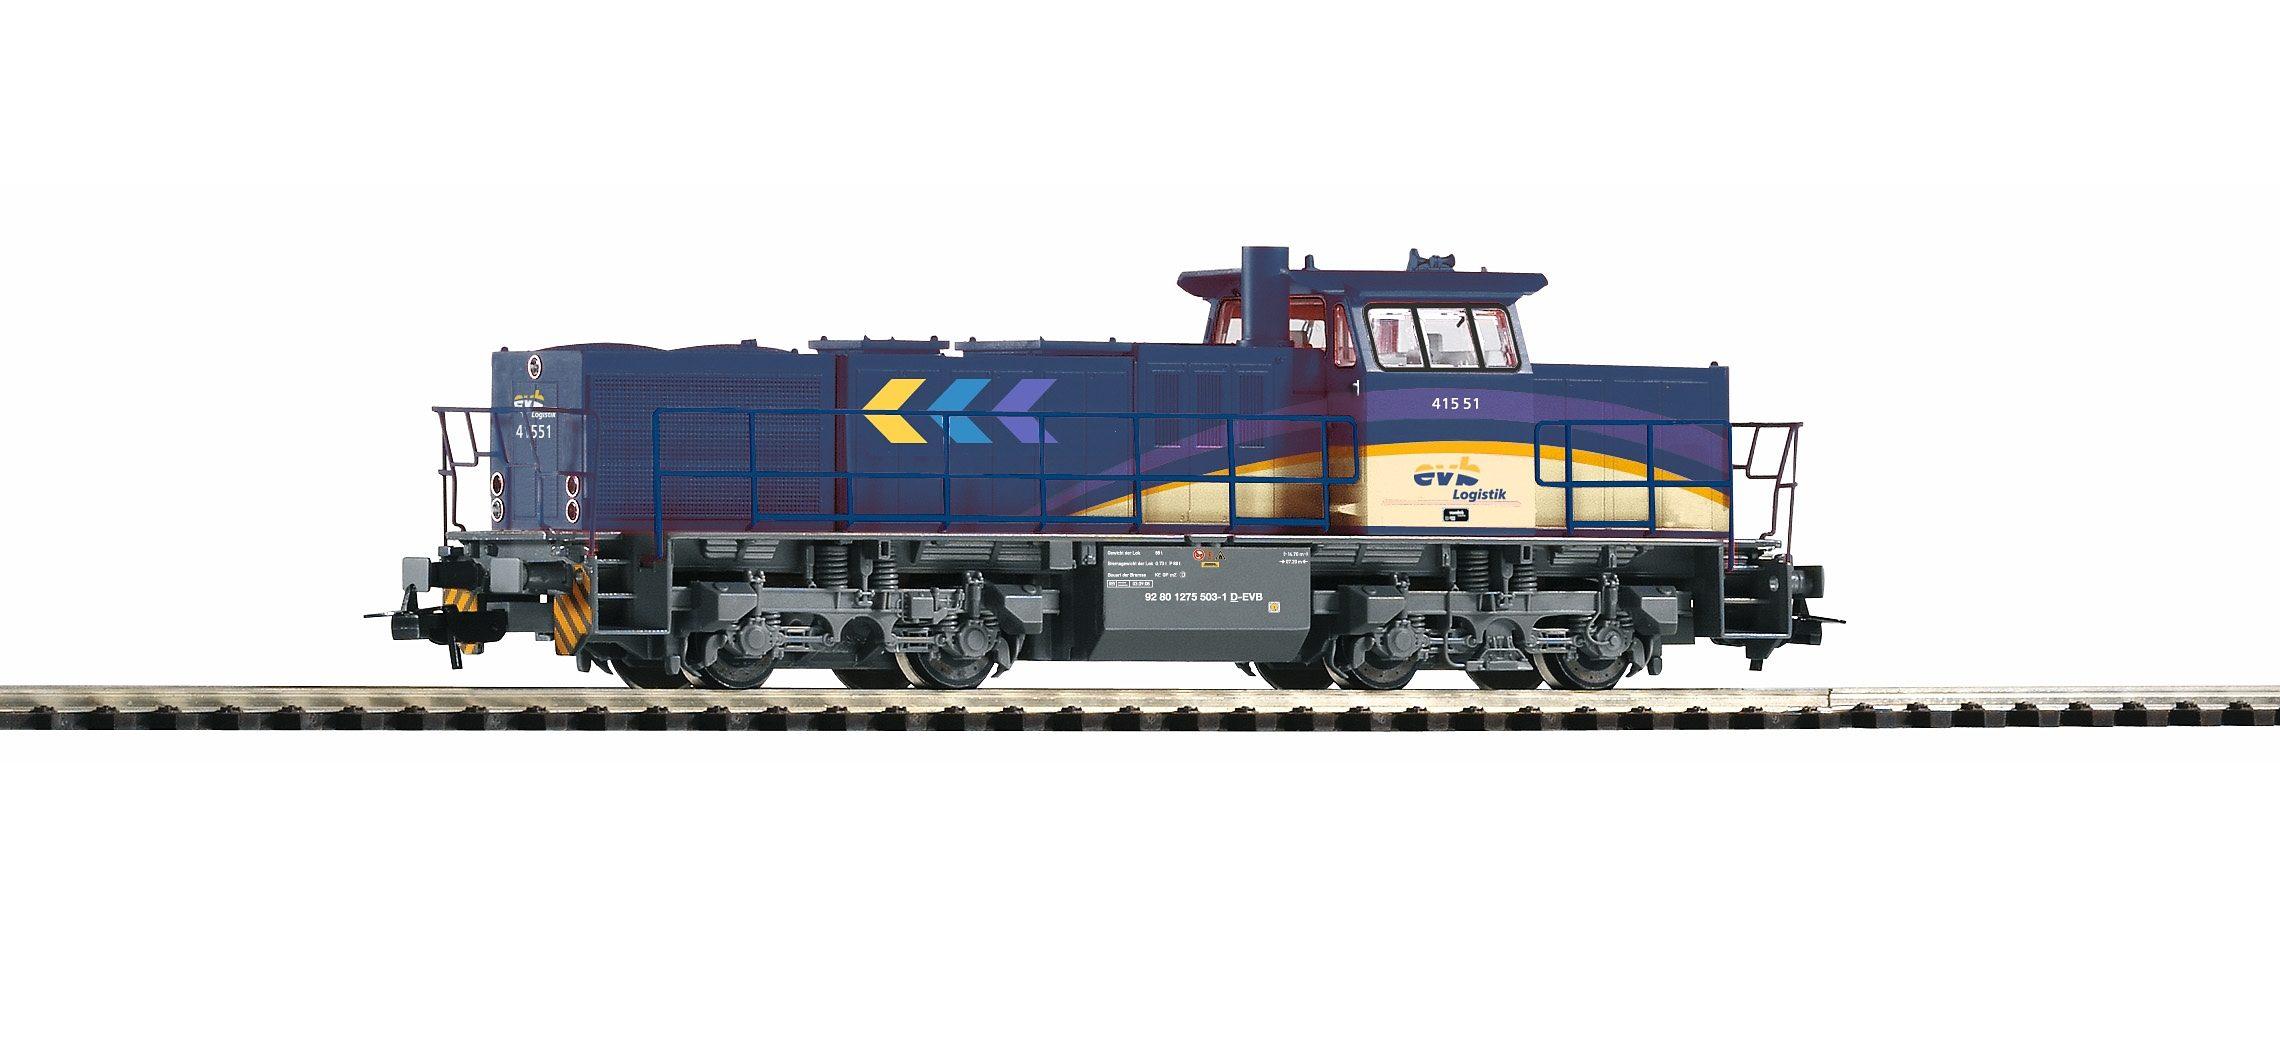 PIKO Diesellok, »Diesellokomotive G 1206, EVB - Gleichstrom« Spur H0